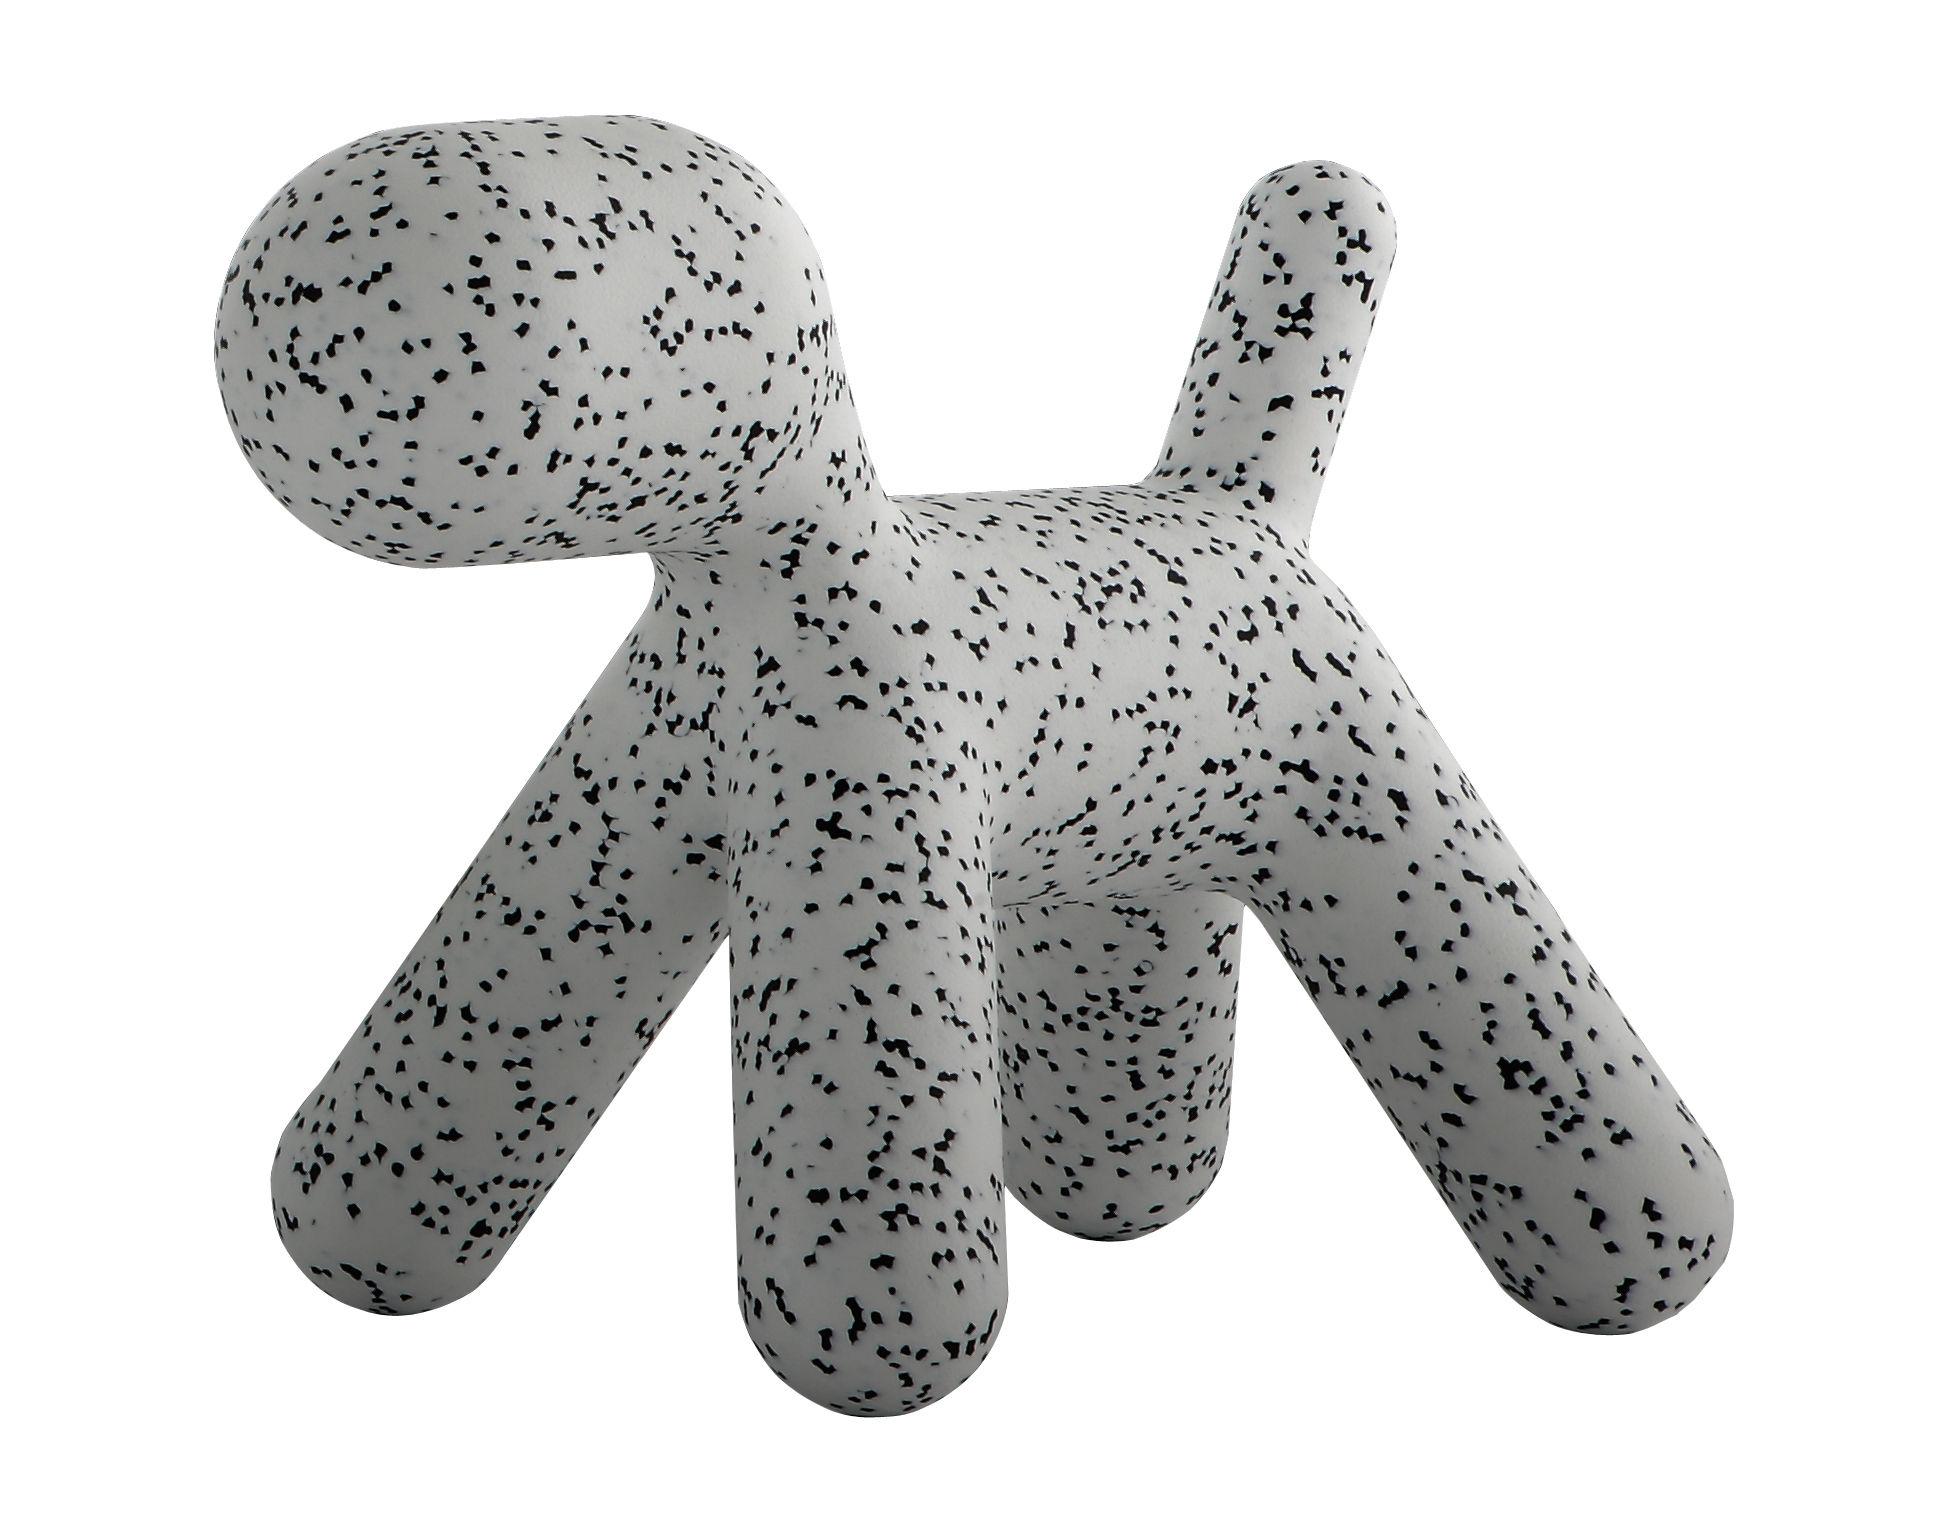 Mobilier - Mobilier Kids - Chaise enfant Puppy Small / Dalmatien - L 42 cm - Magis Collection Me Too - Blanc / Moucheté noir - Polyéthylène rotomoulé